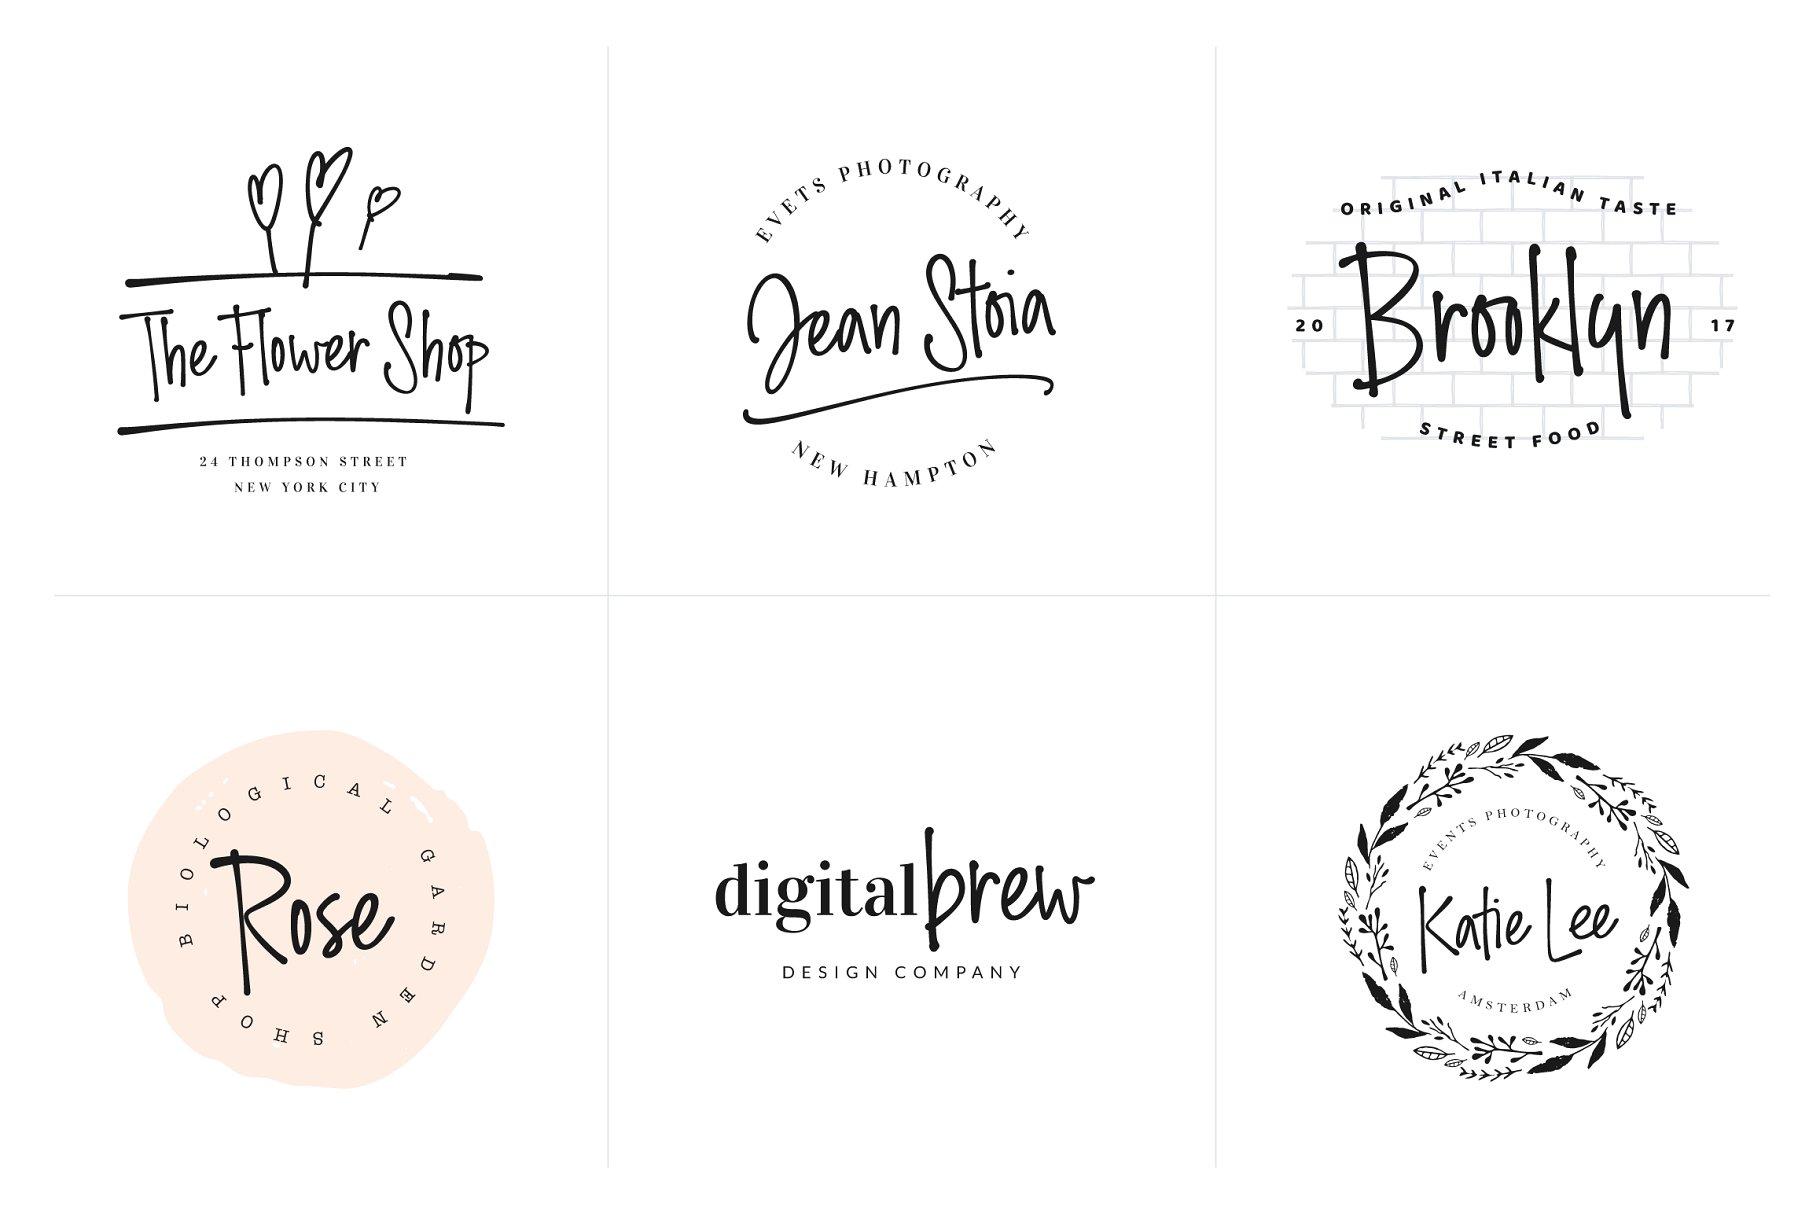 流畅的手绘字体 Ding Dong Handwritten Font + Logos设计素材模板